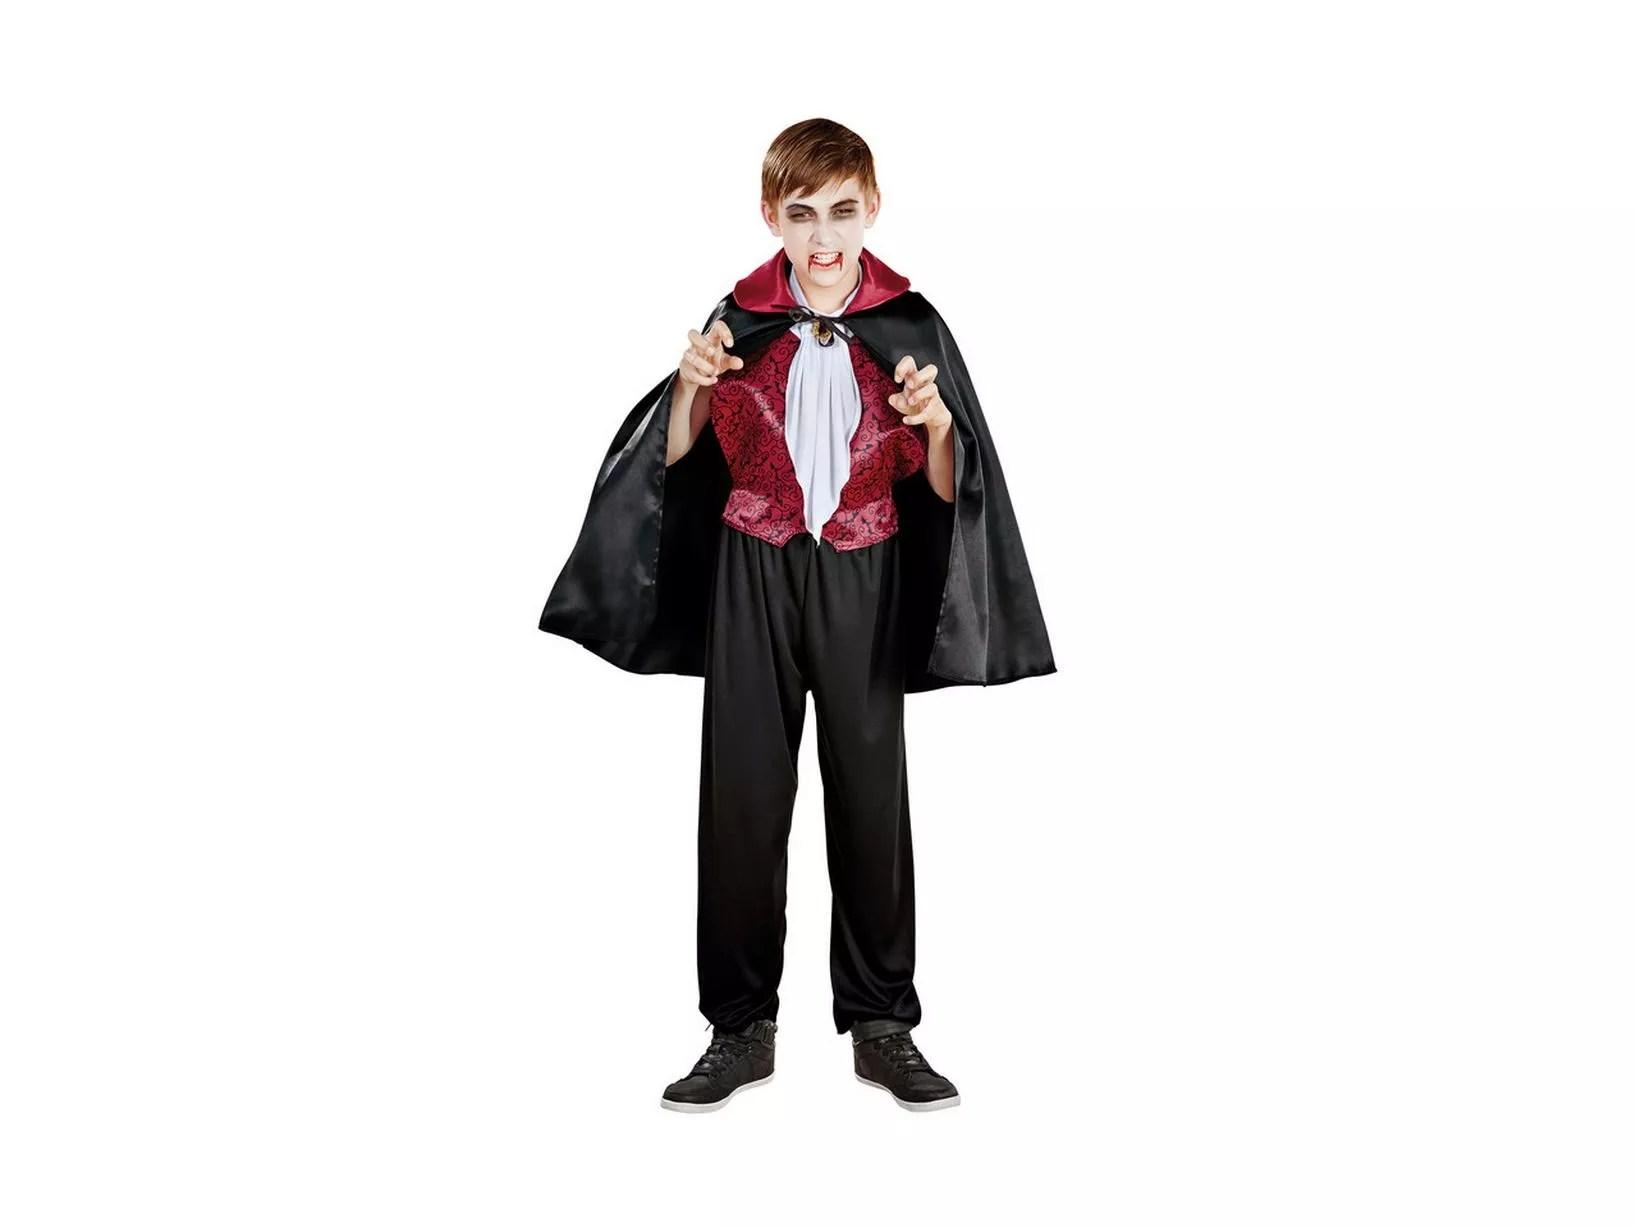 Sainsburys Halloween Costumes